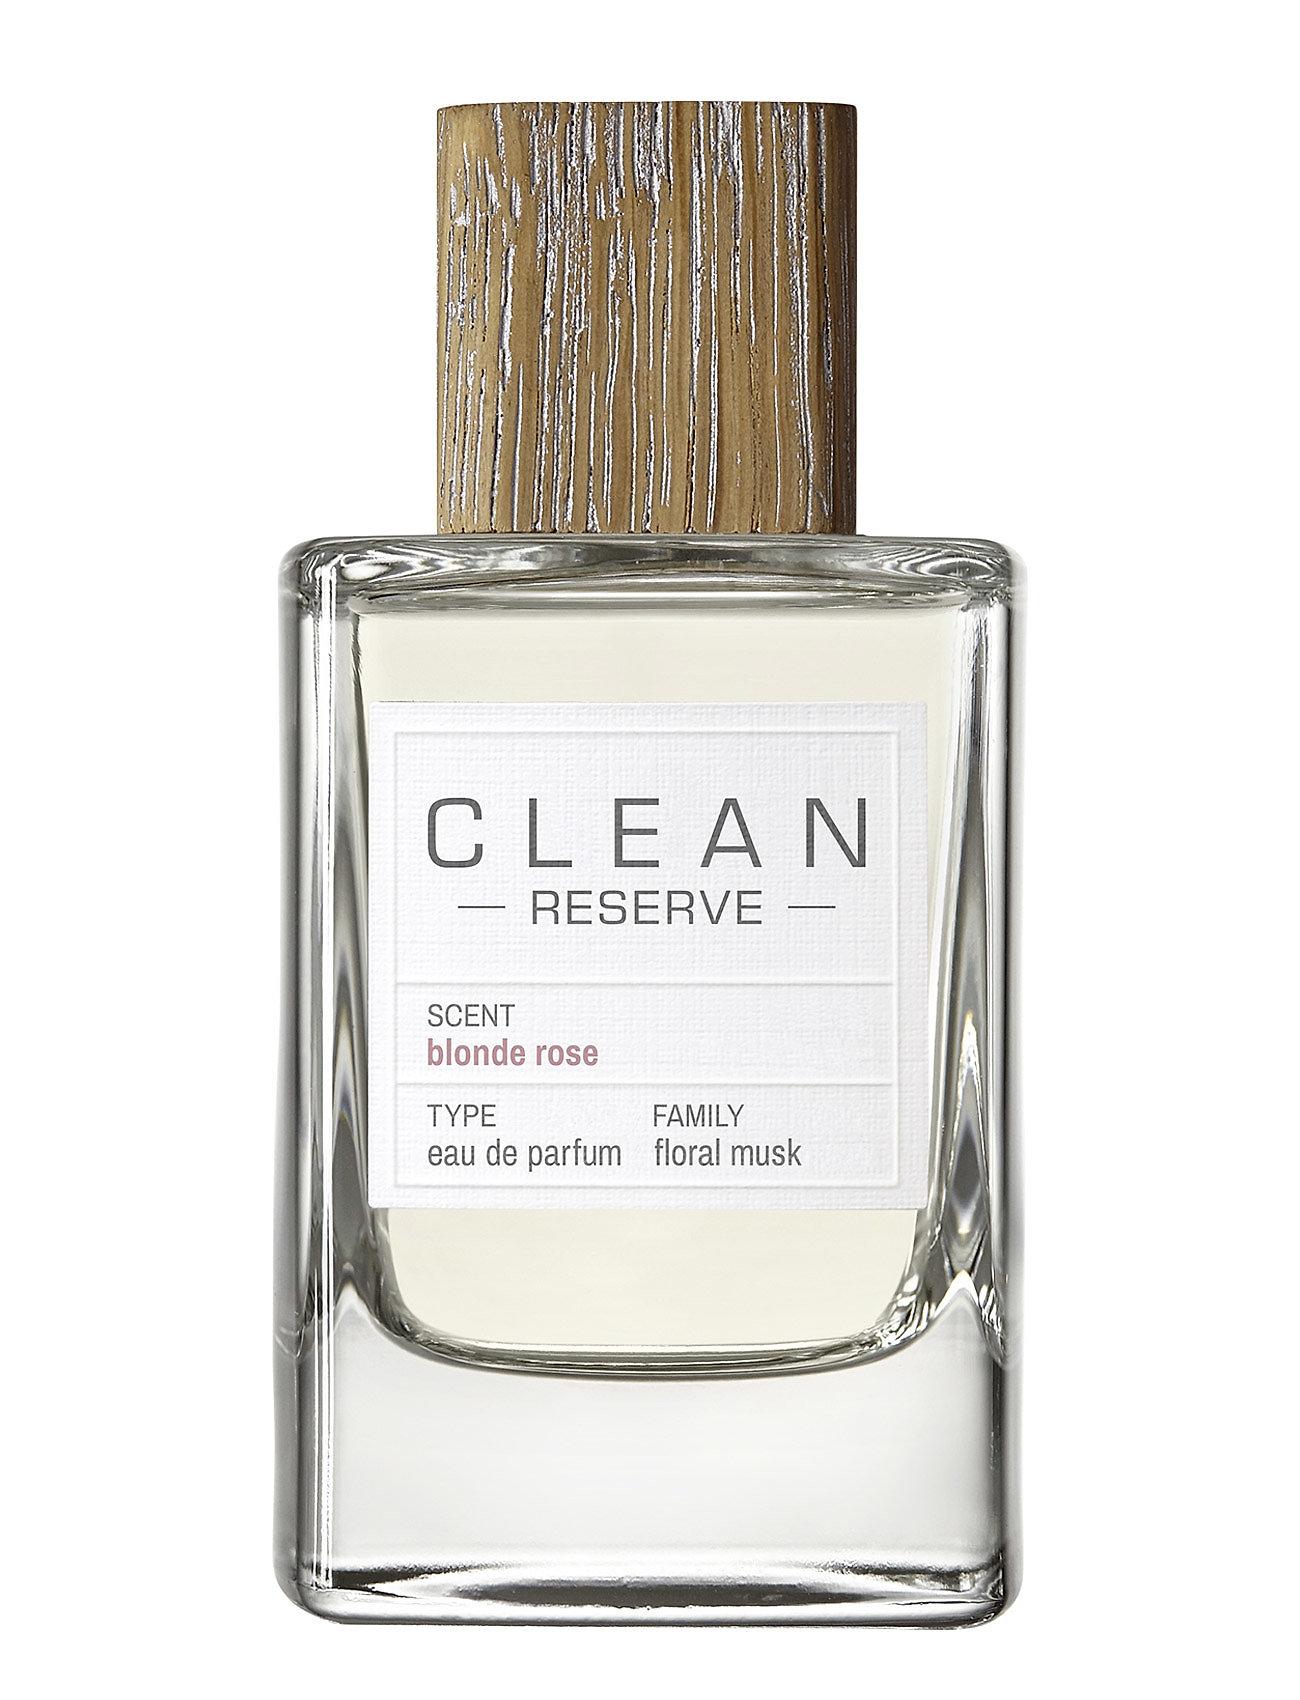 clean reserve Clean reserve blonde rose på boozt.com dk